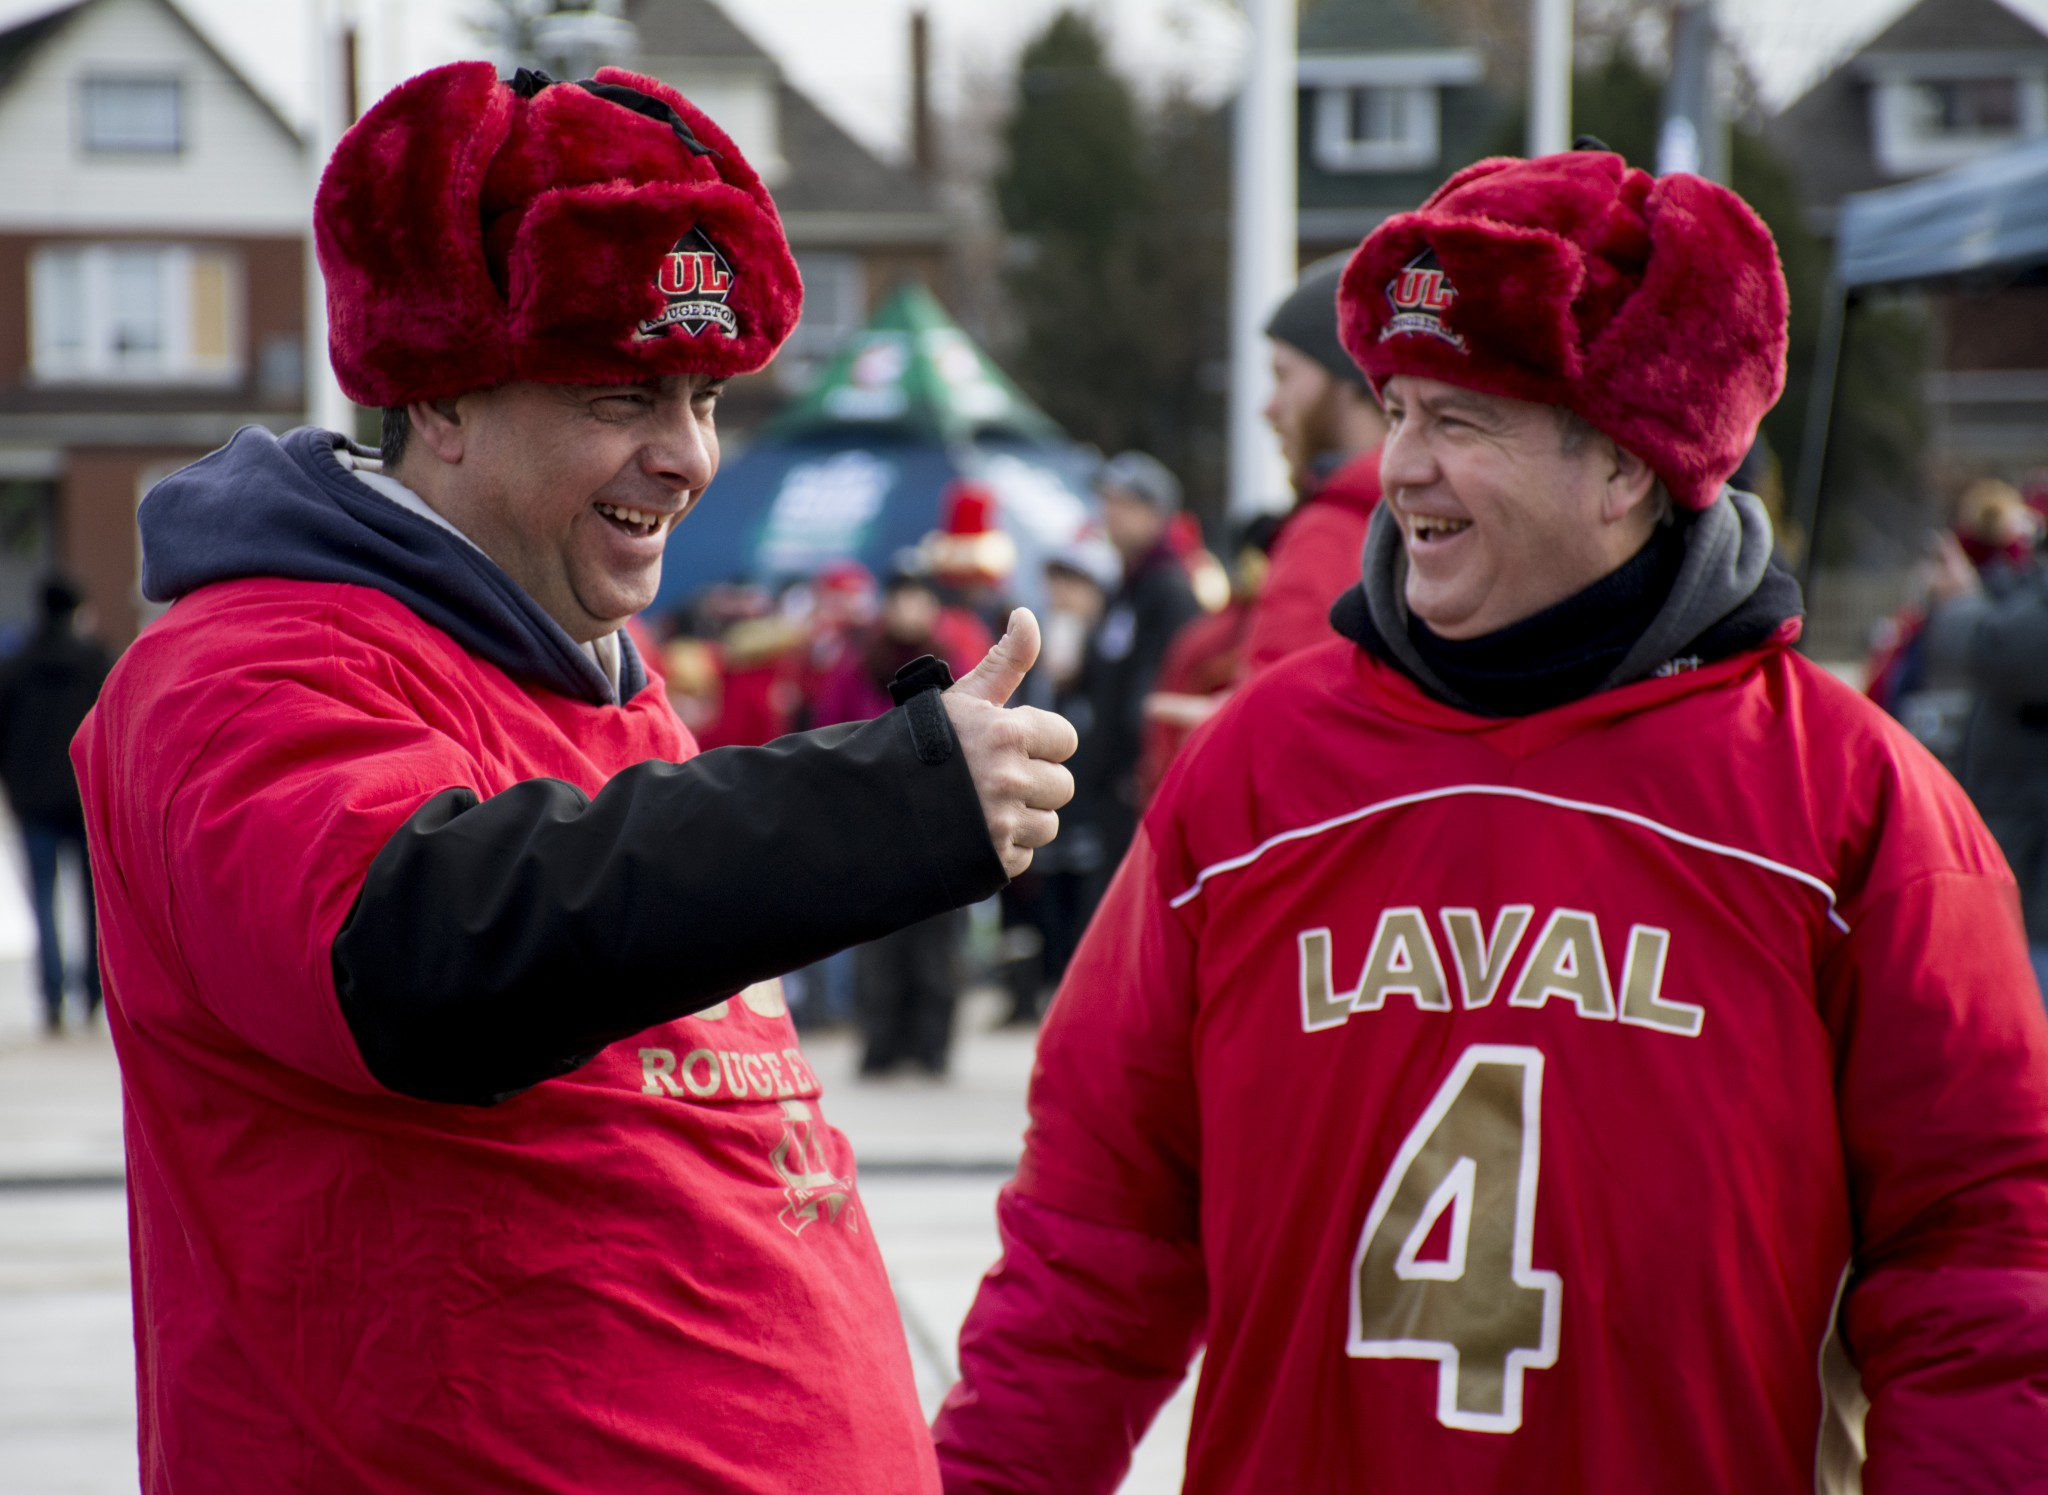 Laval fans